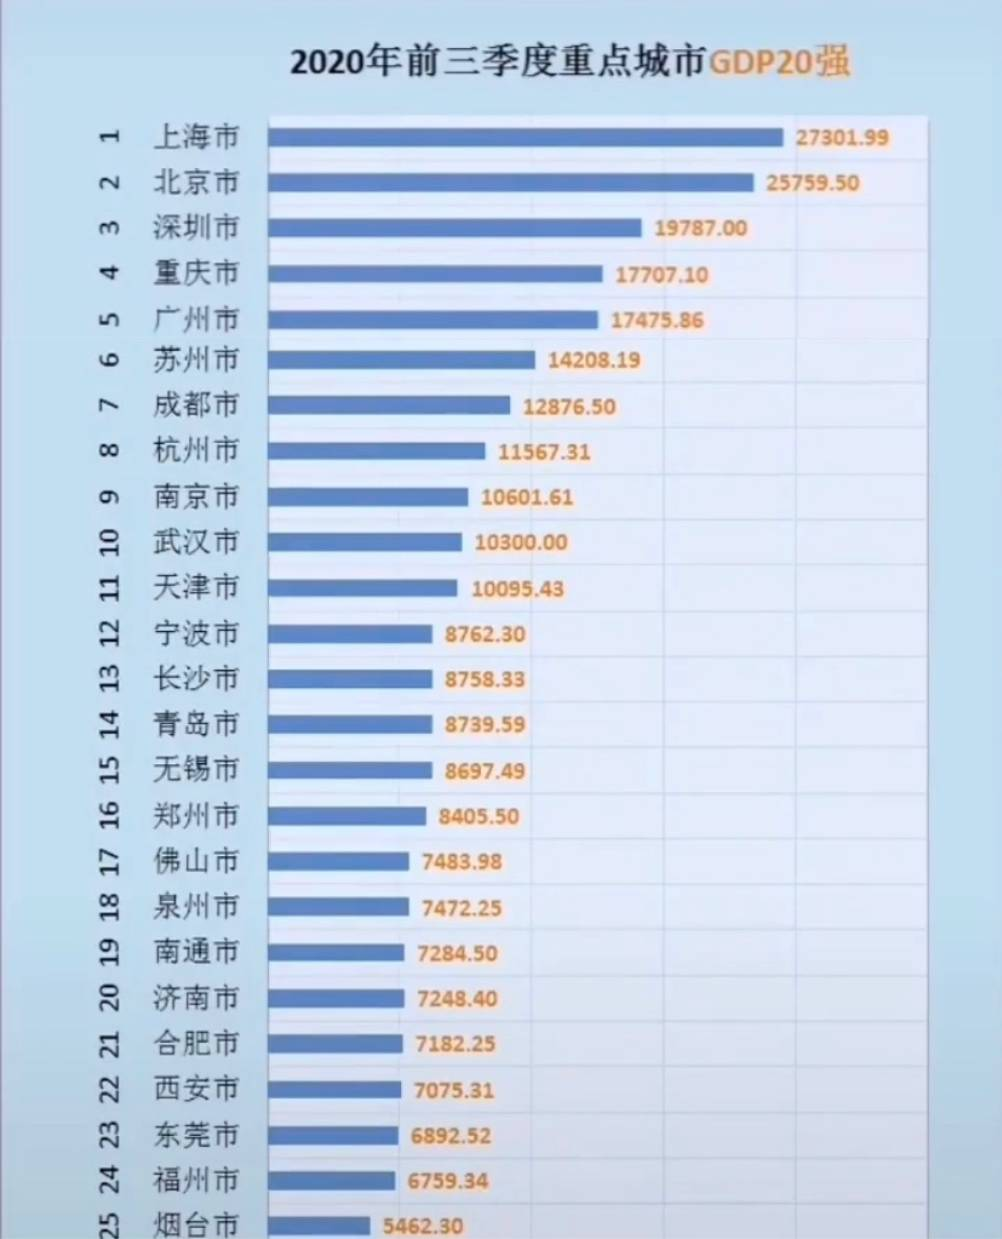 2020年GDP十强城市排名_中国城市gdp排名2020